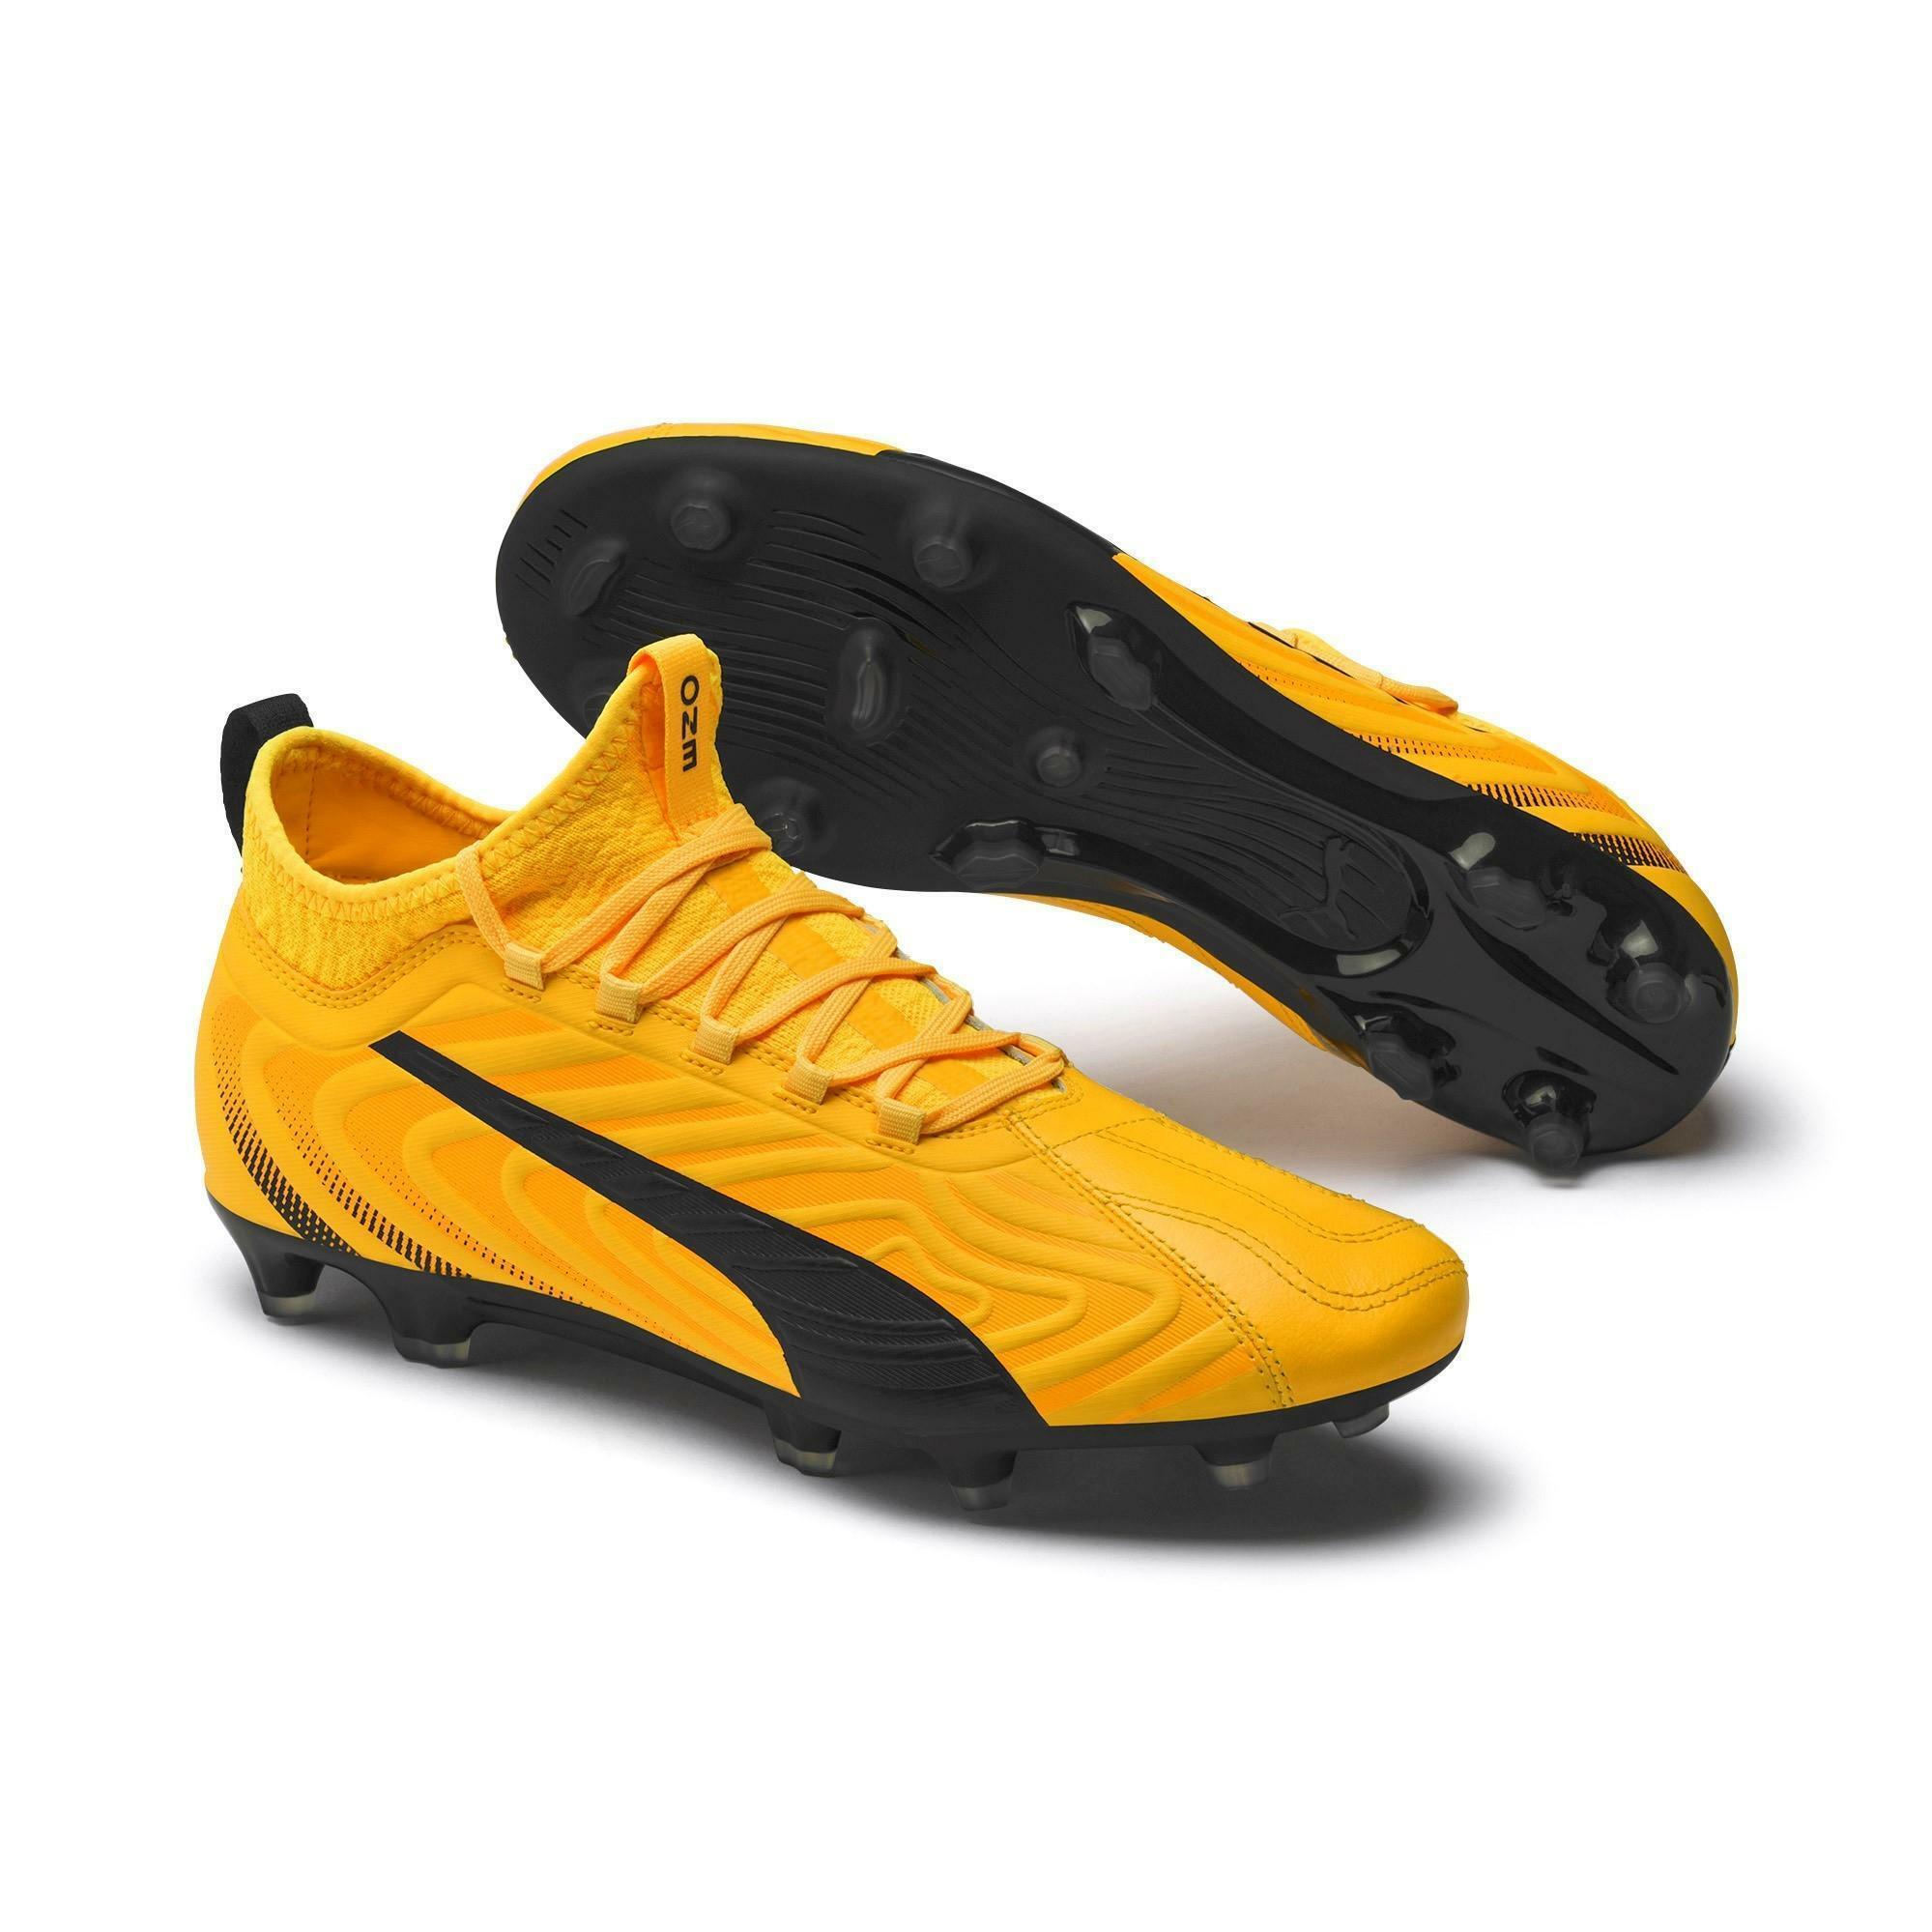 puma puma scarpa calcio one 20.3 fg/ag